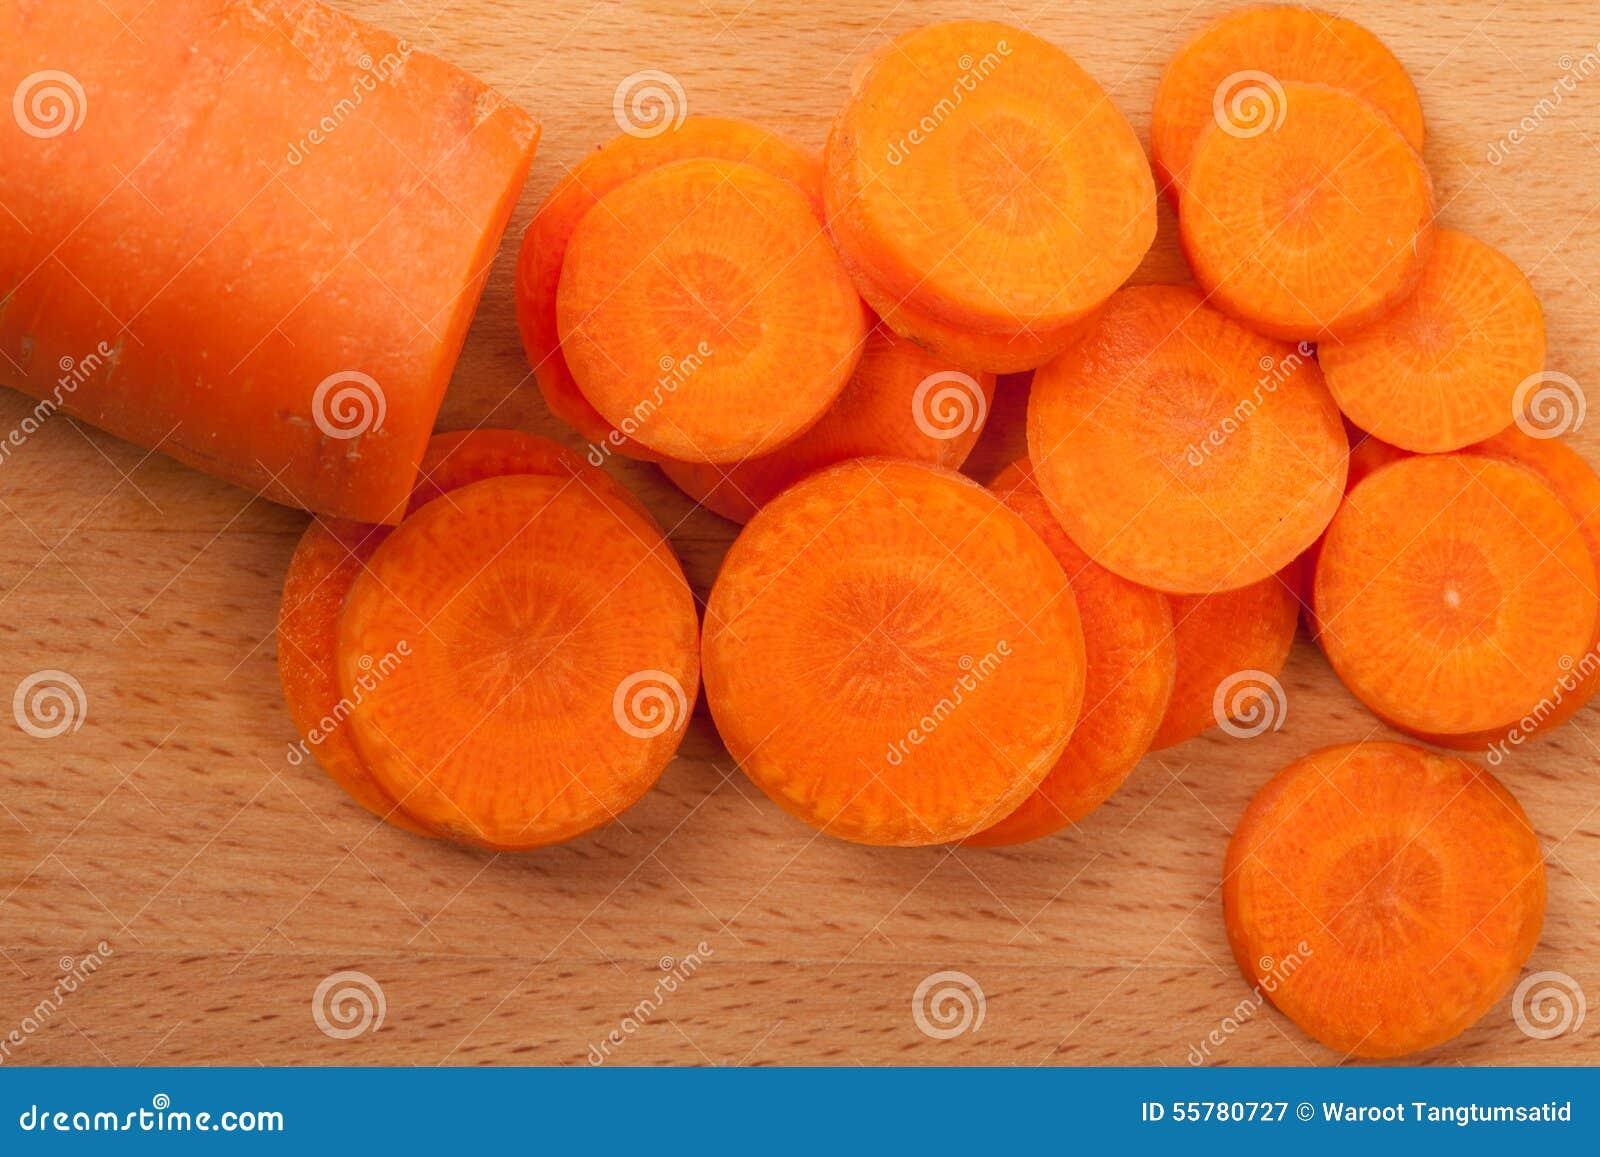 Siekać marchewki